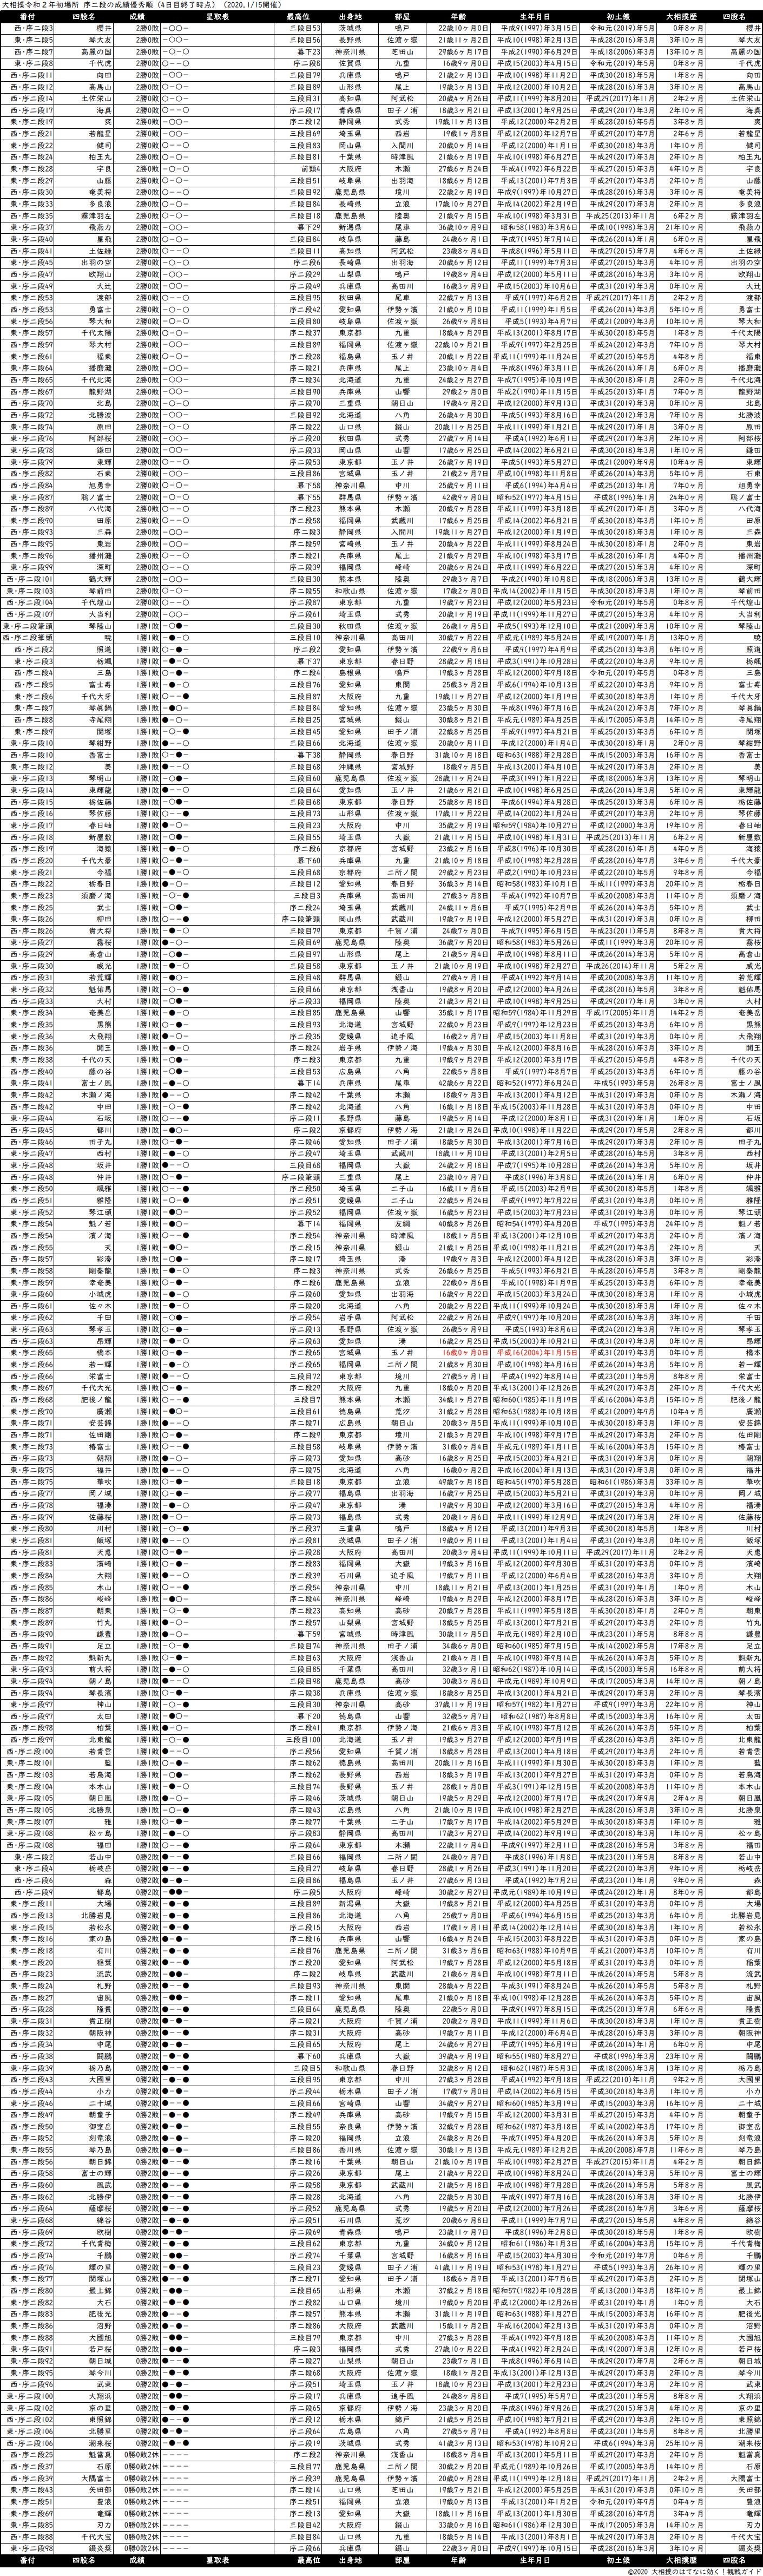 序二段成績順一覧表・2020年1月場所4日目